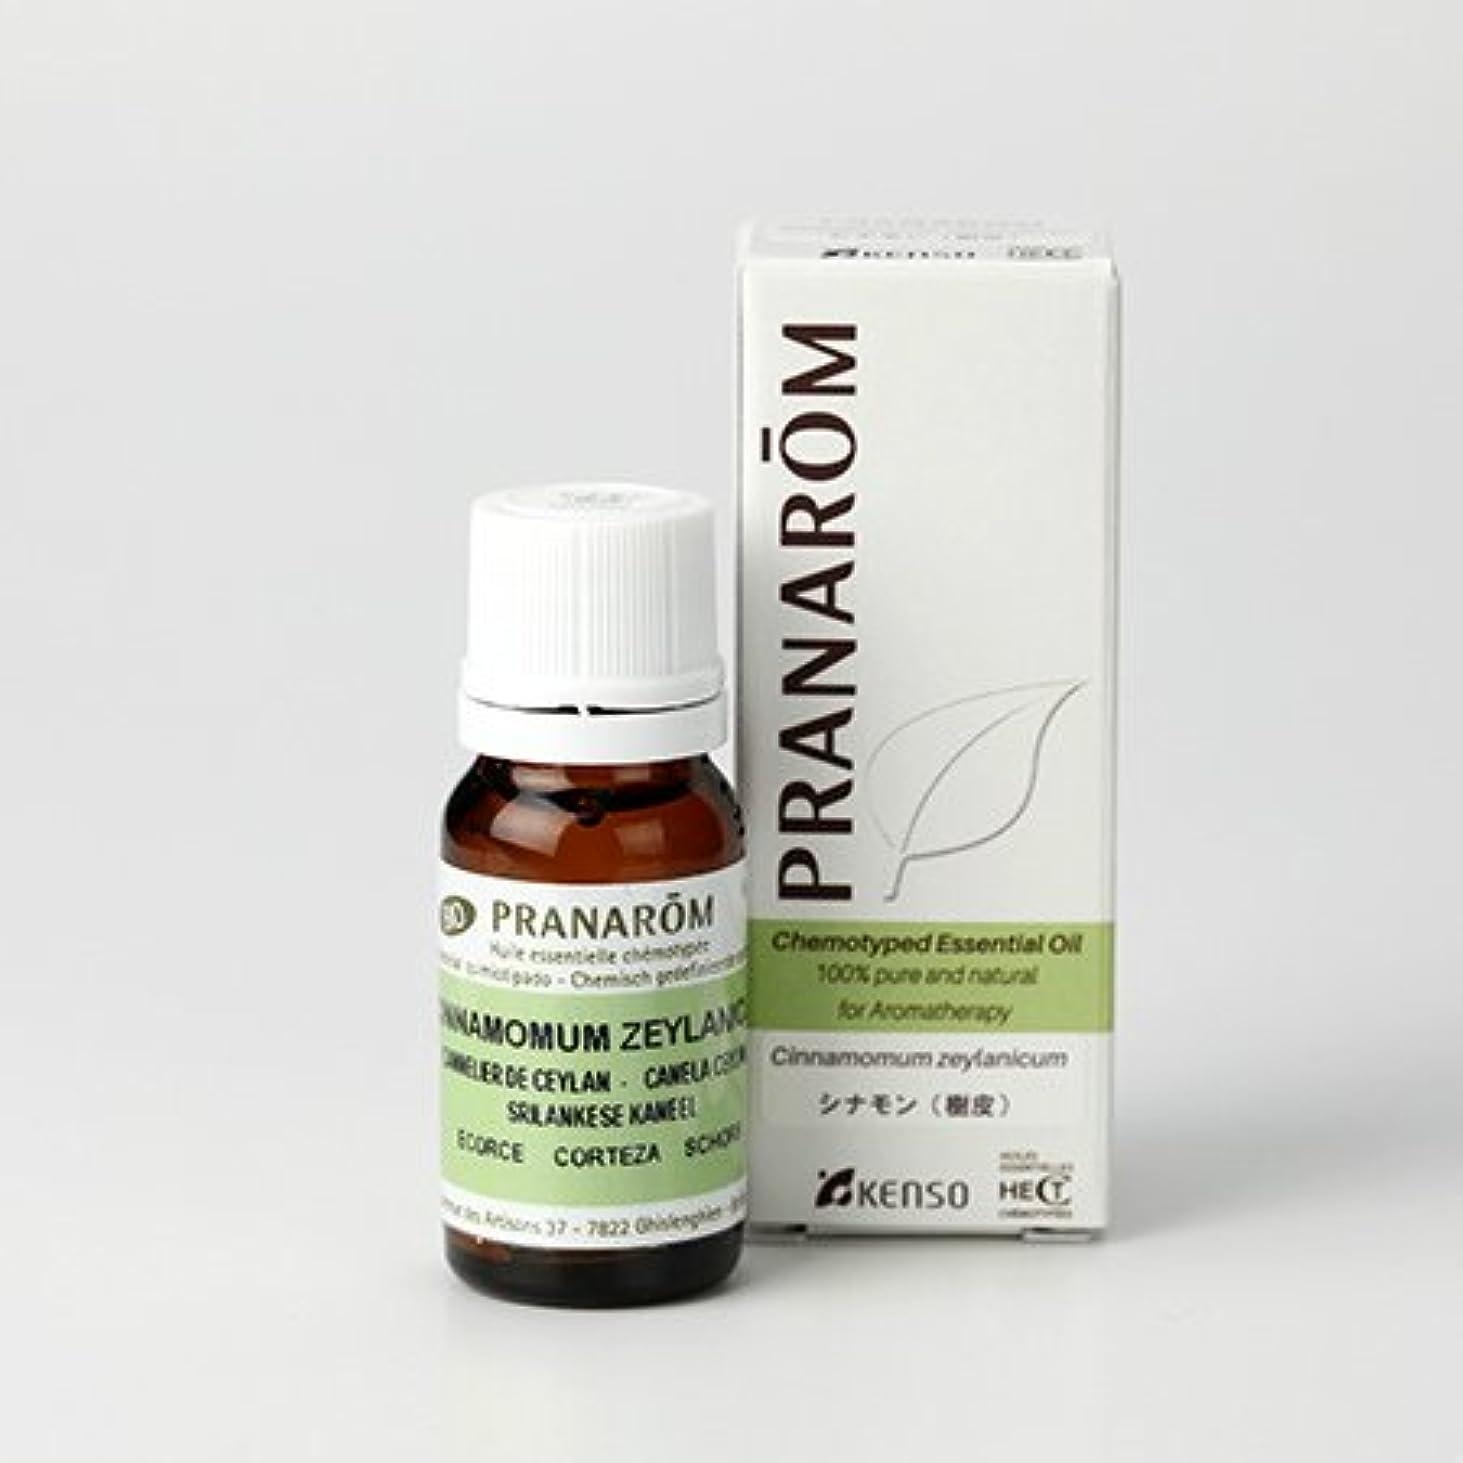 忍耐ピカリングタイルプラナロム シナモン(樹皮) 10ml (PRANAROM ケモタイプ精油)